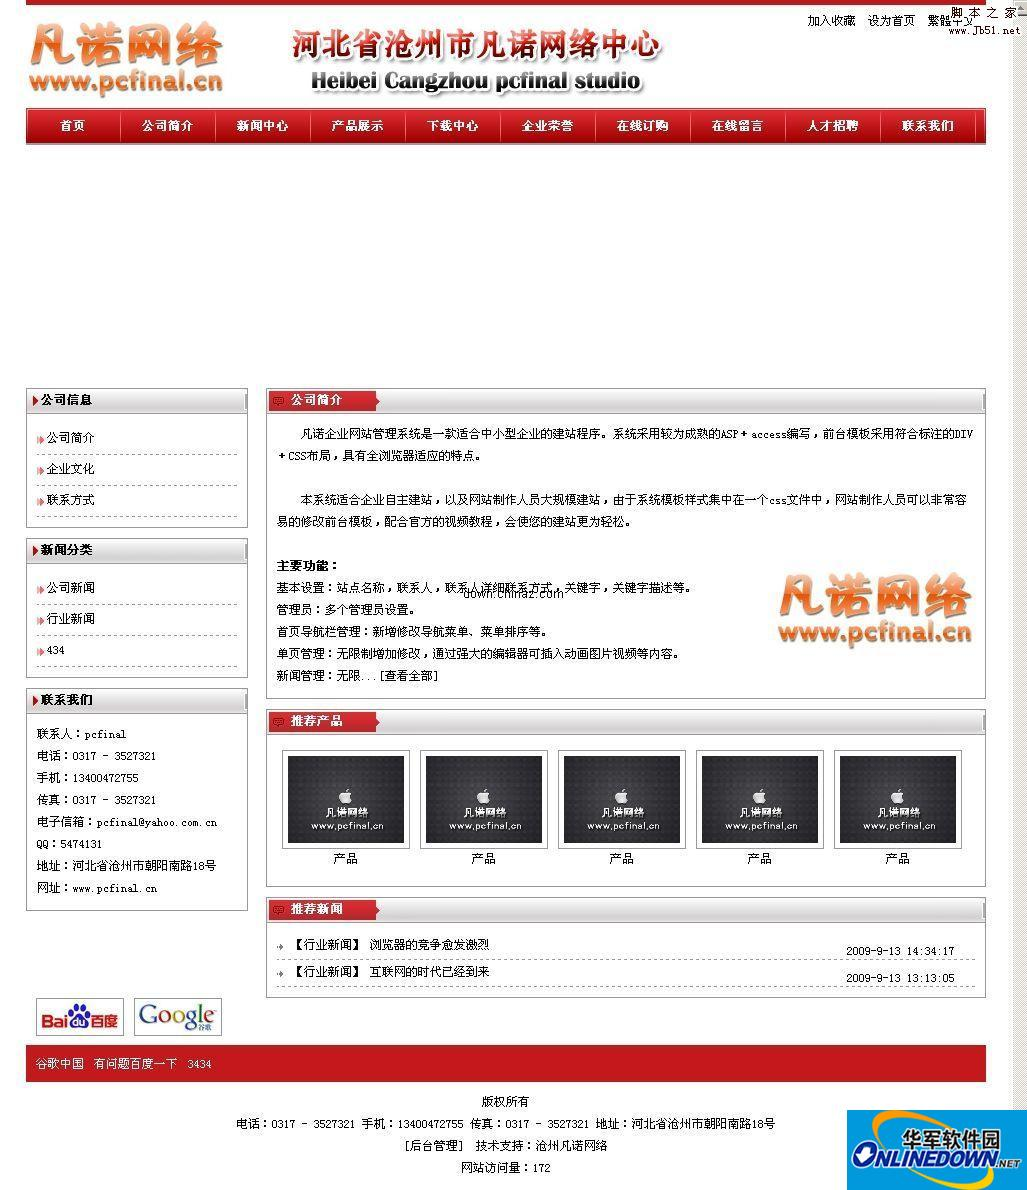 凡诺企业网站管理系统商业版